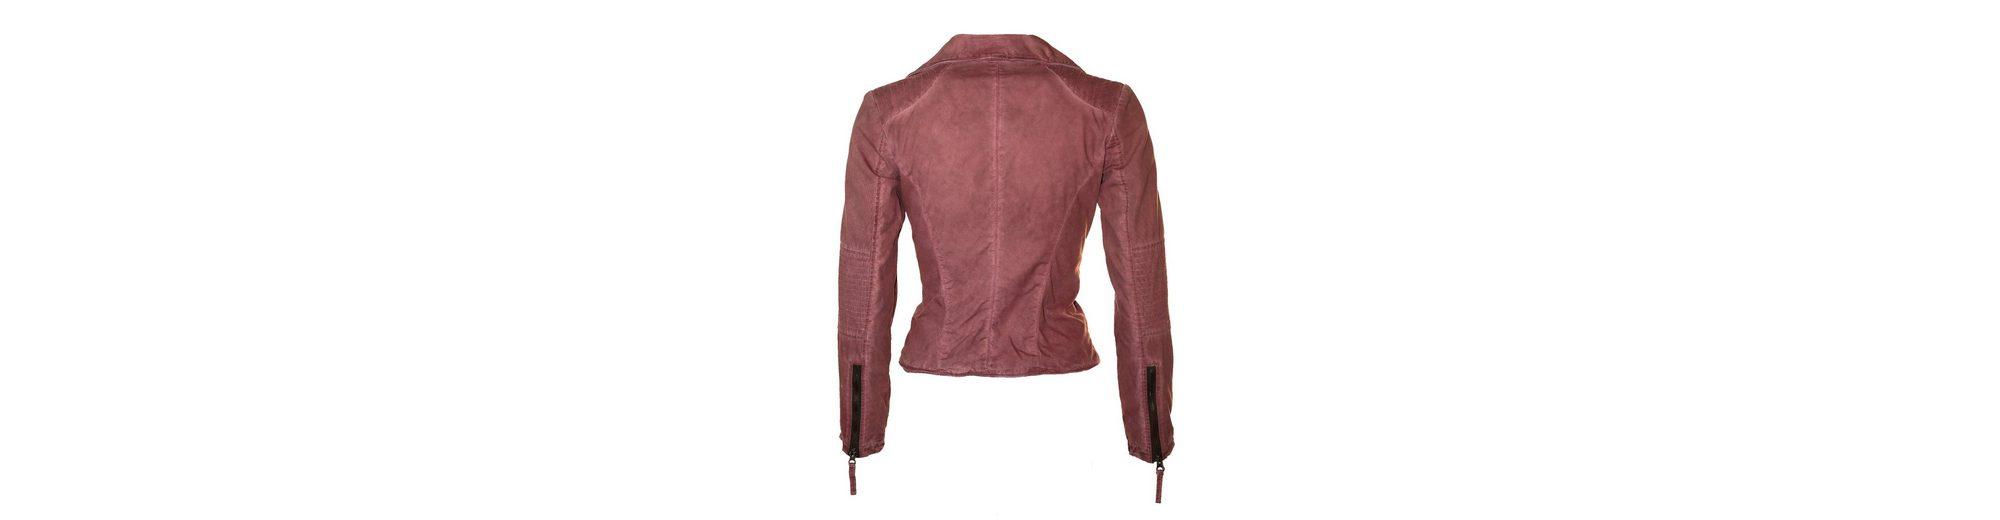 JCC Jacke körpernah geschnitten 178944 Empfehlen Billig Preiswerte Reale Finish Verkaufsauftrag m2Xw9iv